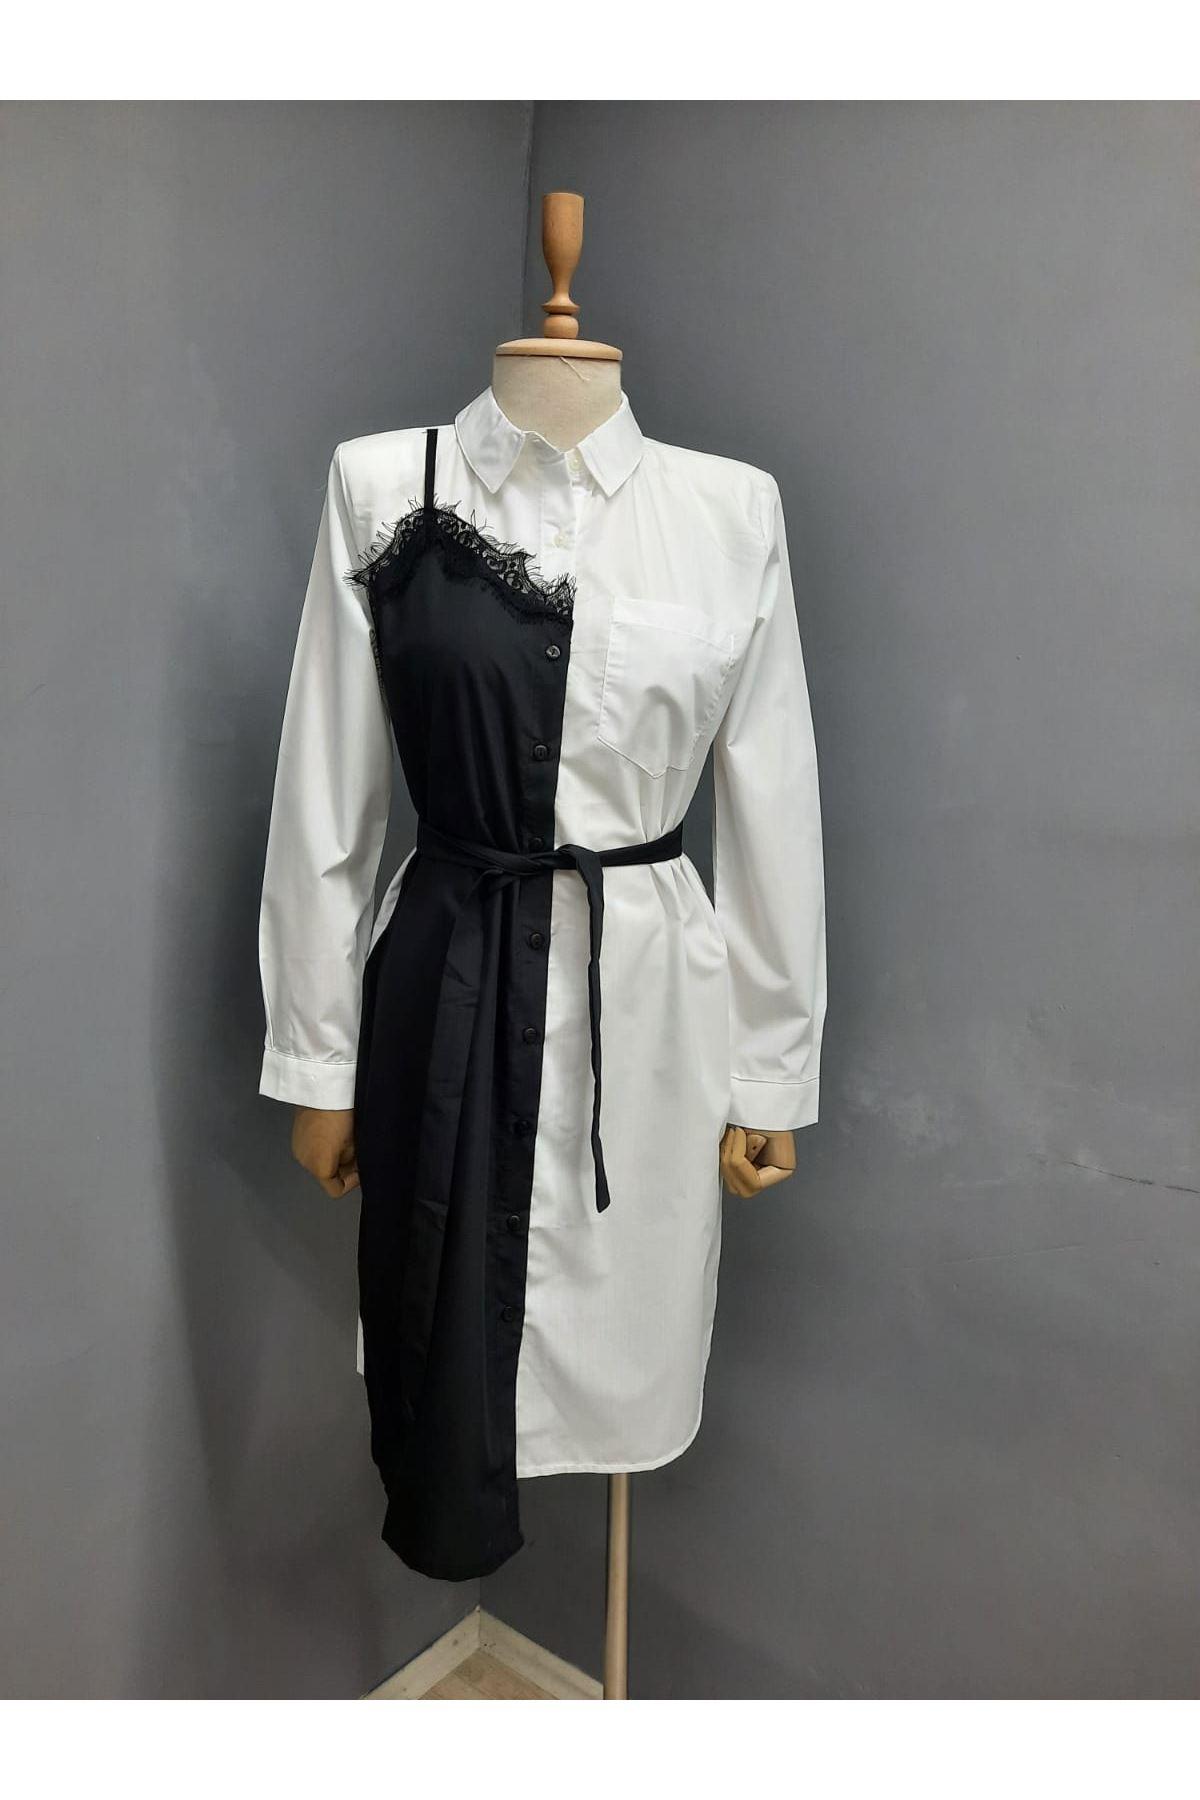 Dantel Detaylı Poplin Gömlek Elbise - BEYAZ